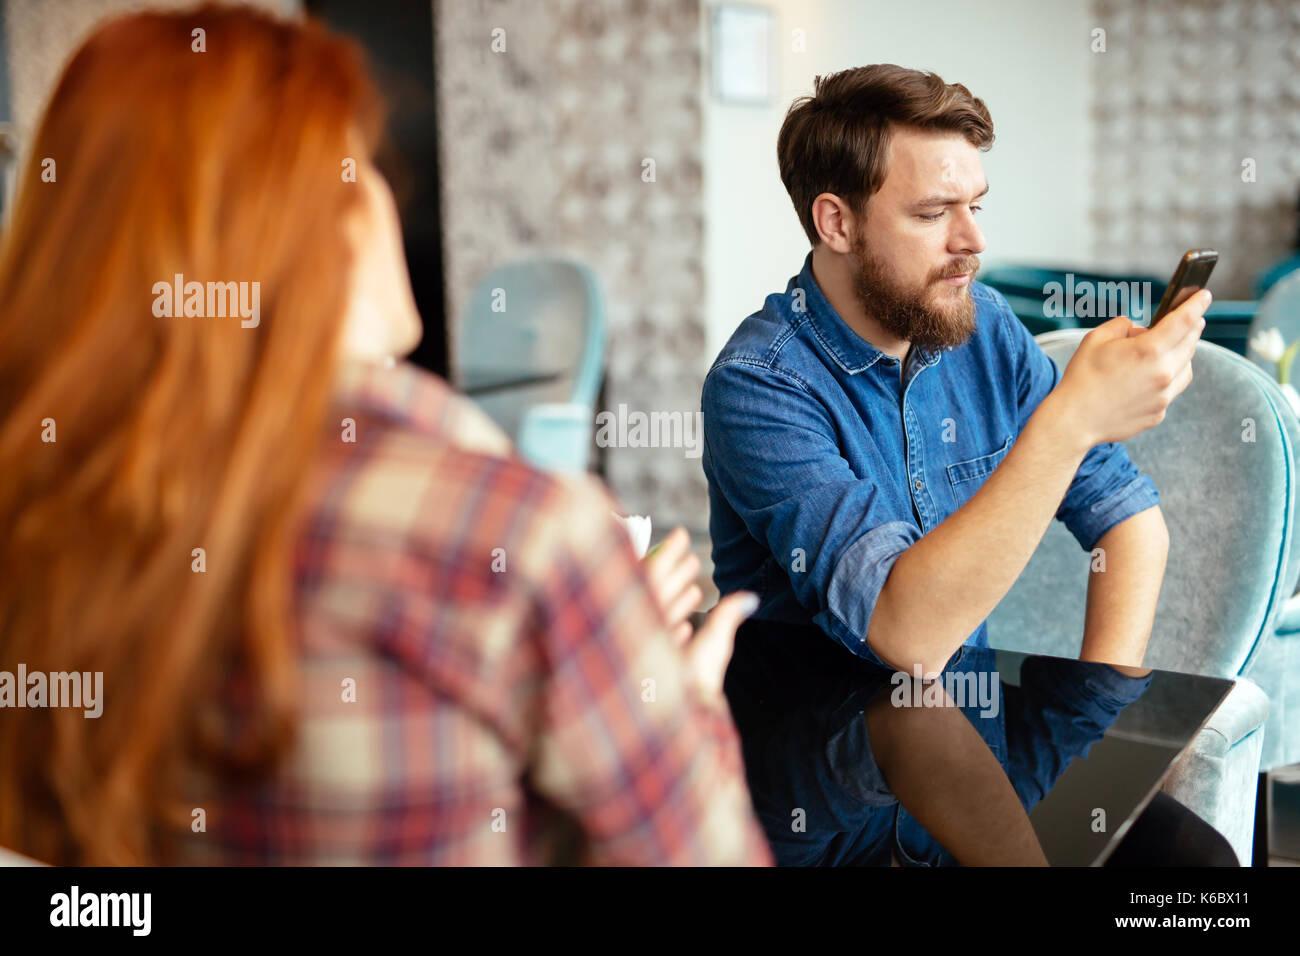 Jealous husband suspecting infidelity - Stock Image